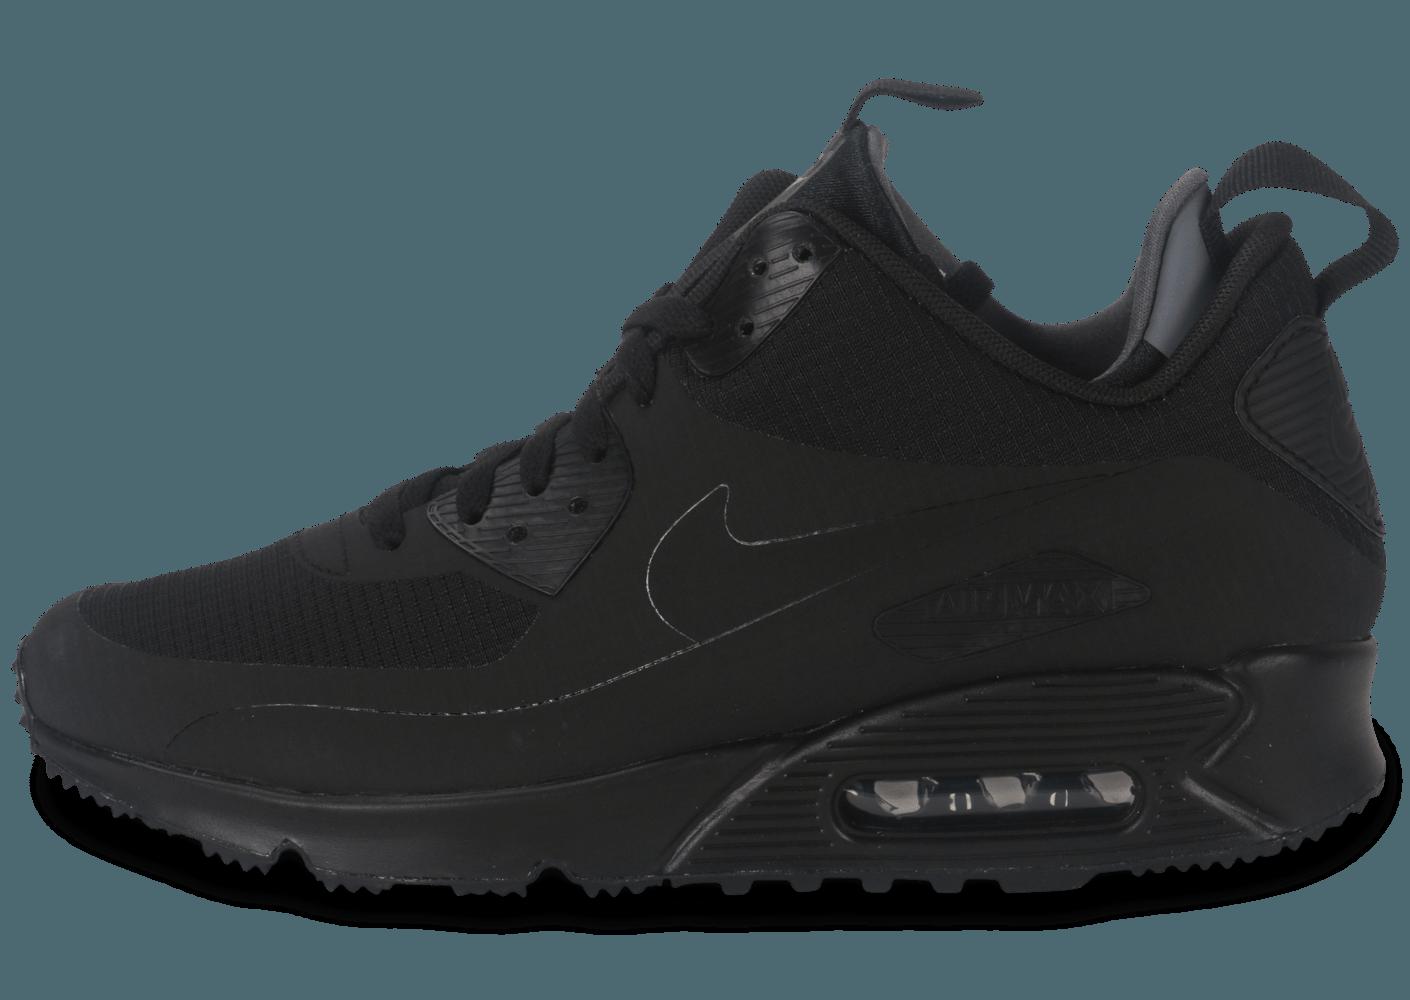 separation shoes a6cda 1ea76 Acheter air max mid winter noir original pas cher ici en ligne avec le prix  le plus bas possible. Remises spéciales sur les nouvelles offres 2018.